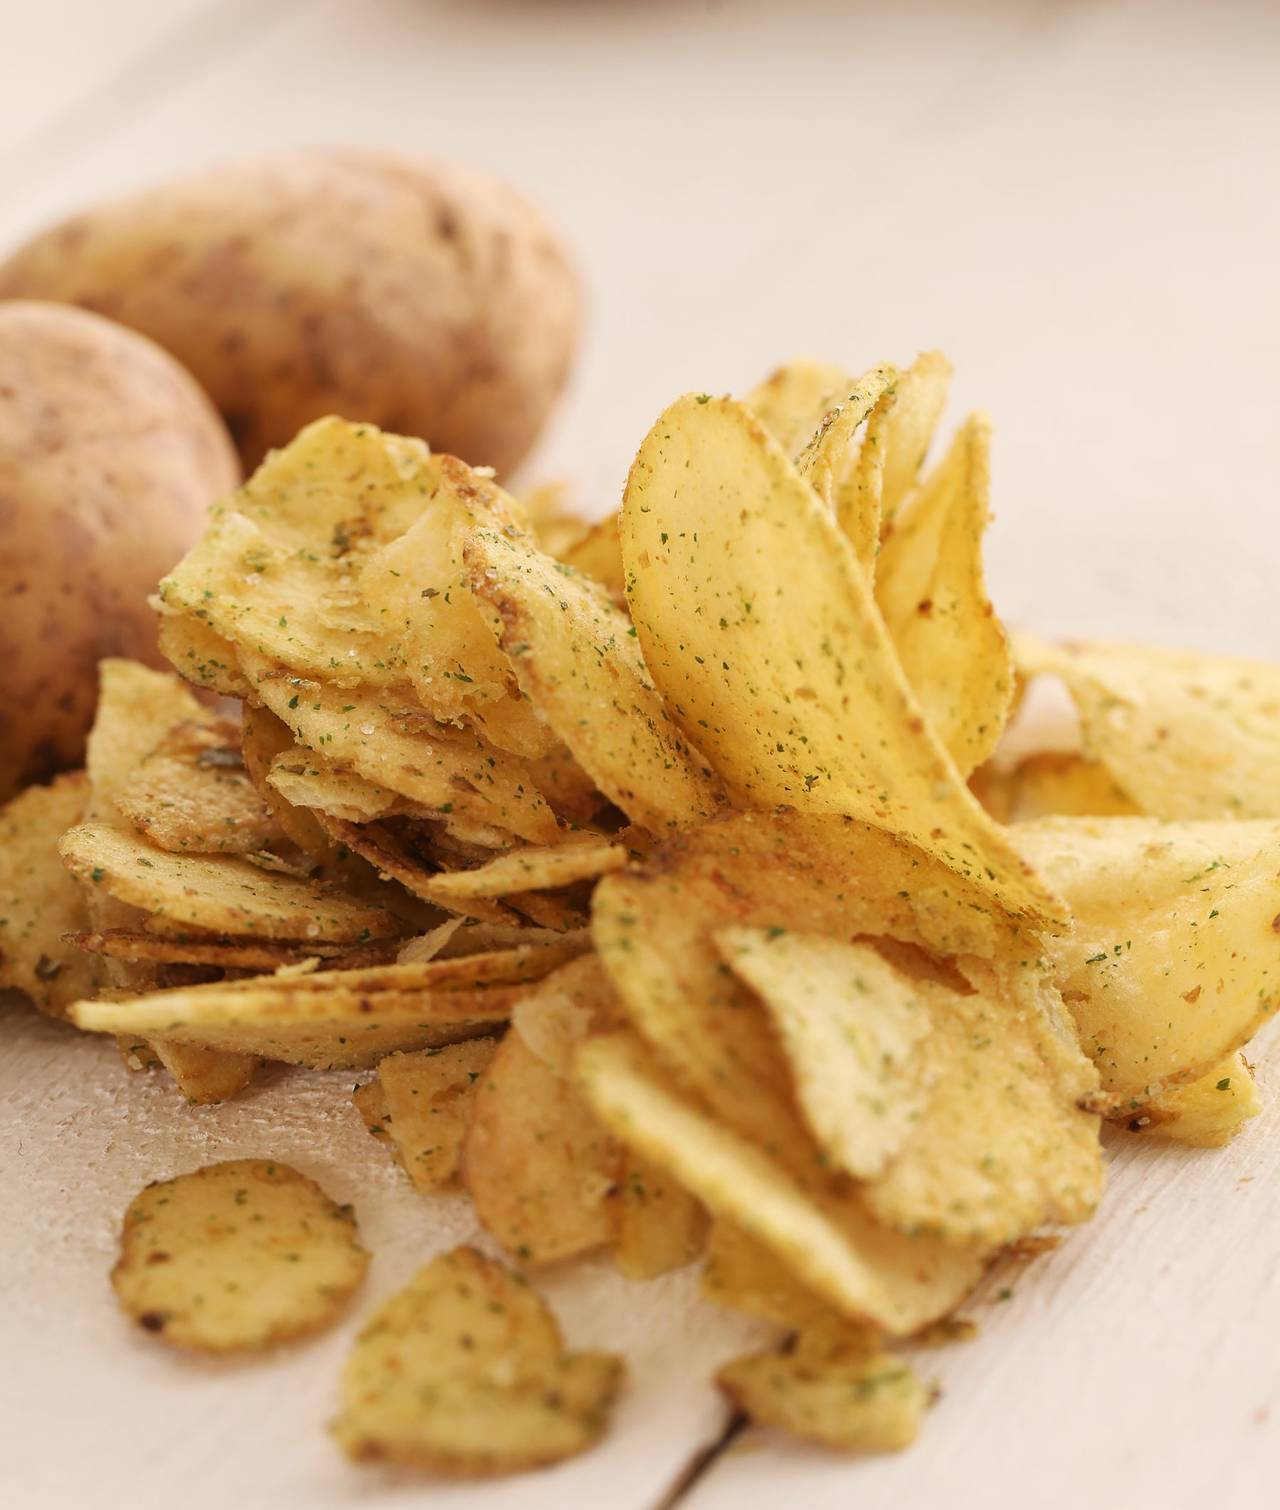 Patatine s patatine no patatine quali cucina naturale for Quando raccogliere le patate